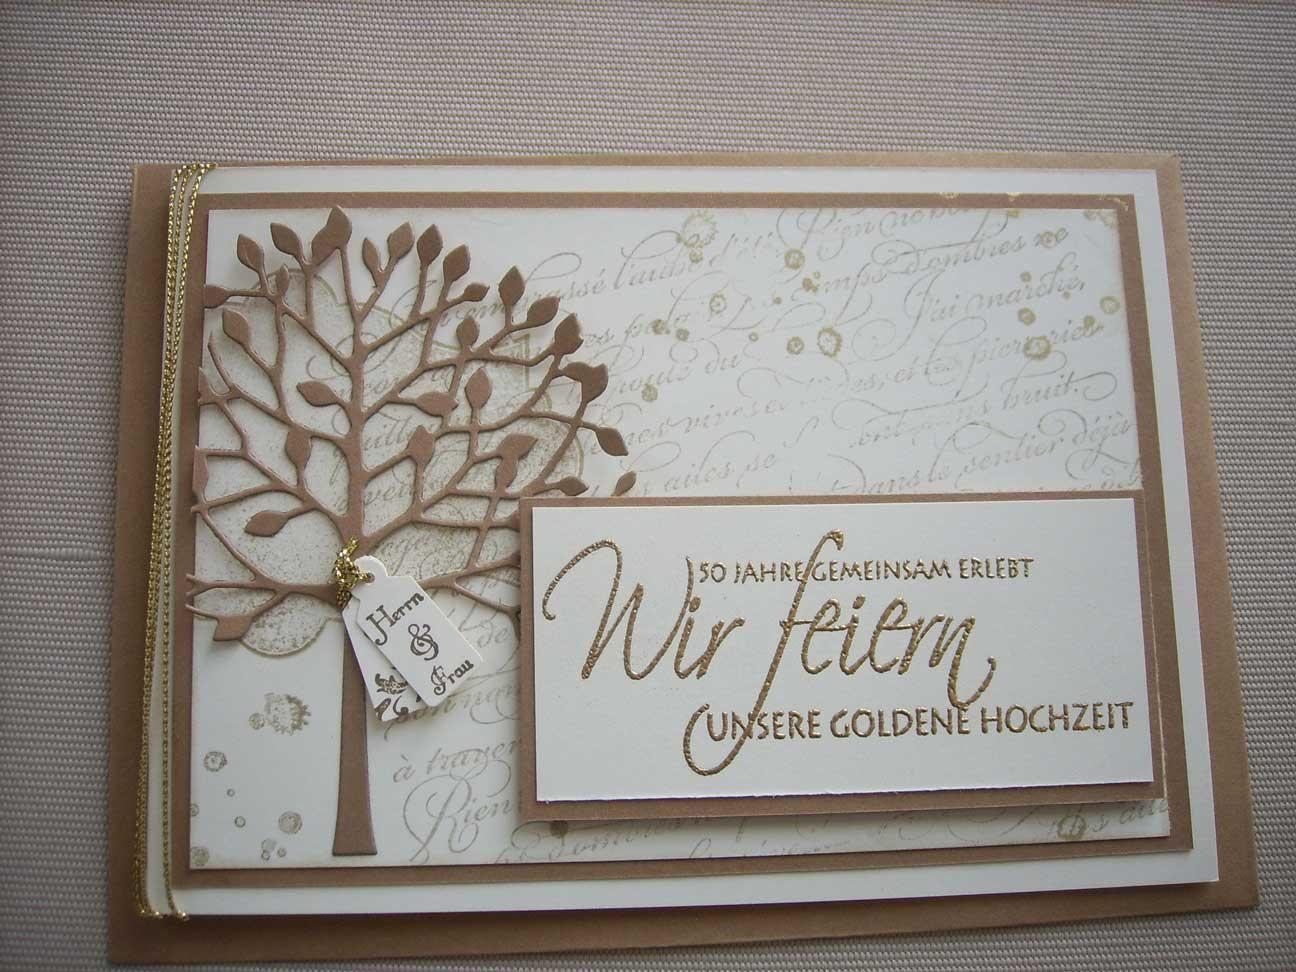 einladungskarten goldene hochzeit selbst gestalten, Einladung